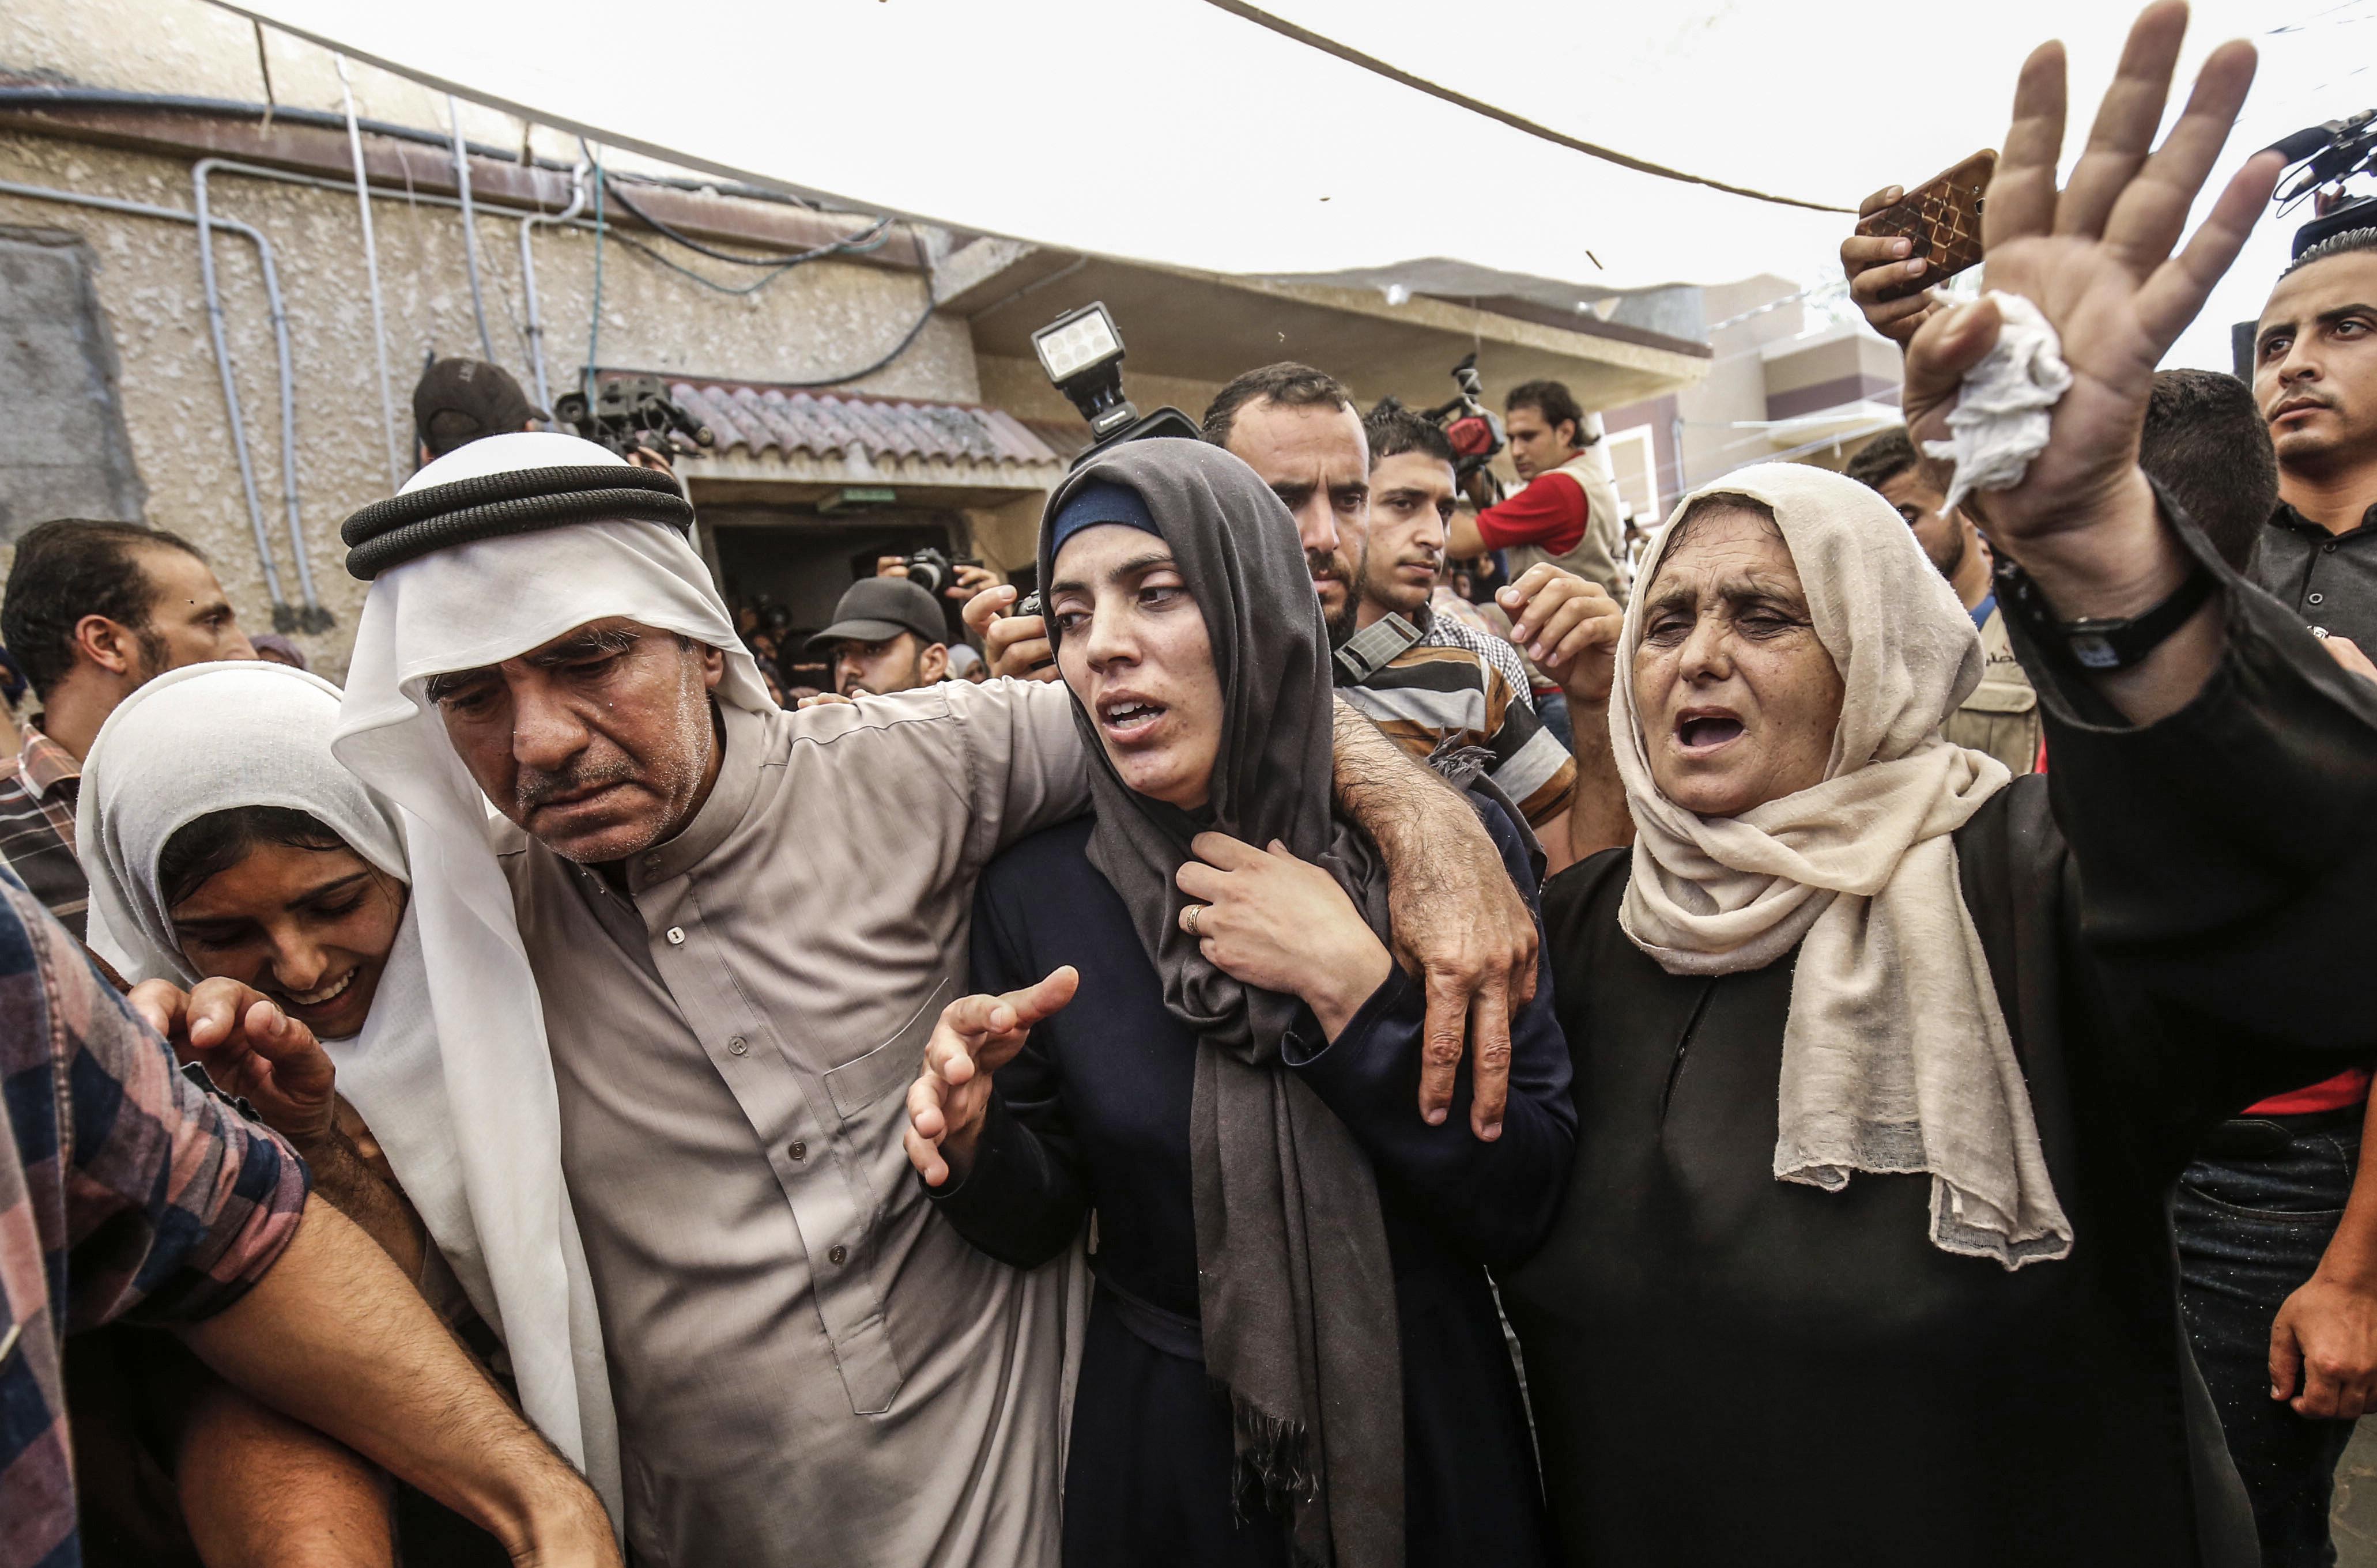 Παλαιστίνη: Ισραηλινοί στρατιώτες σκότωσαν έναν Παλαιστίνιο